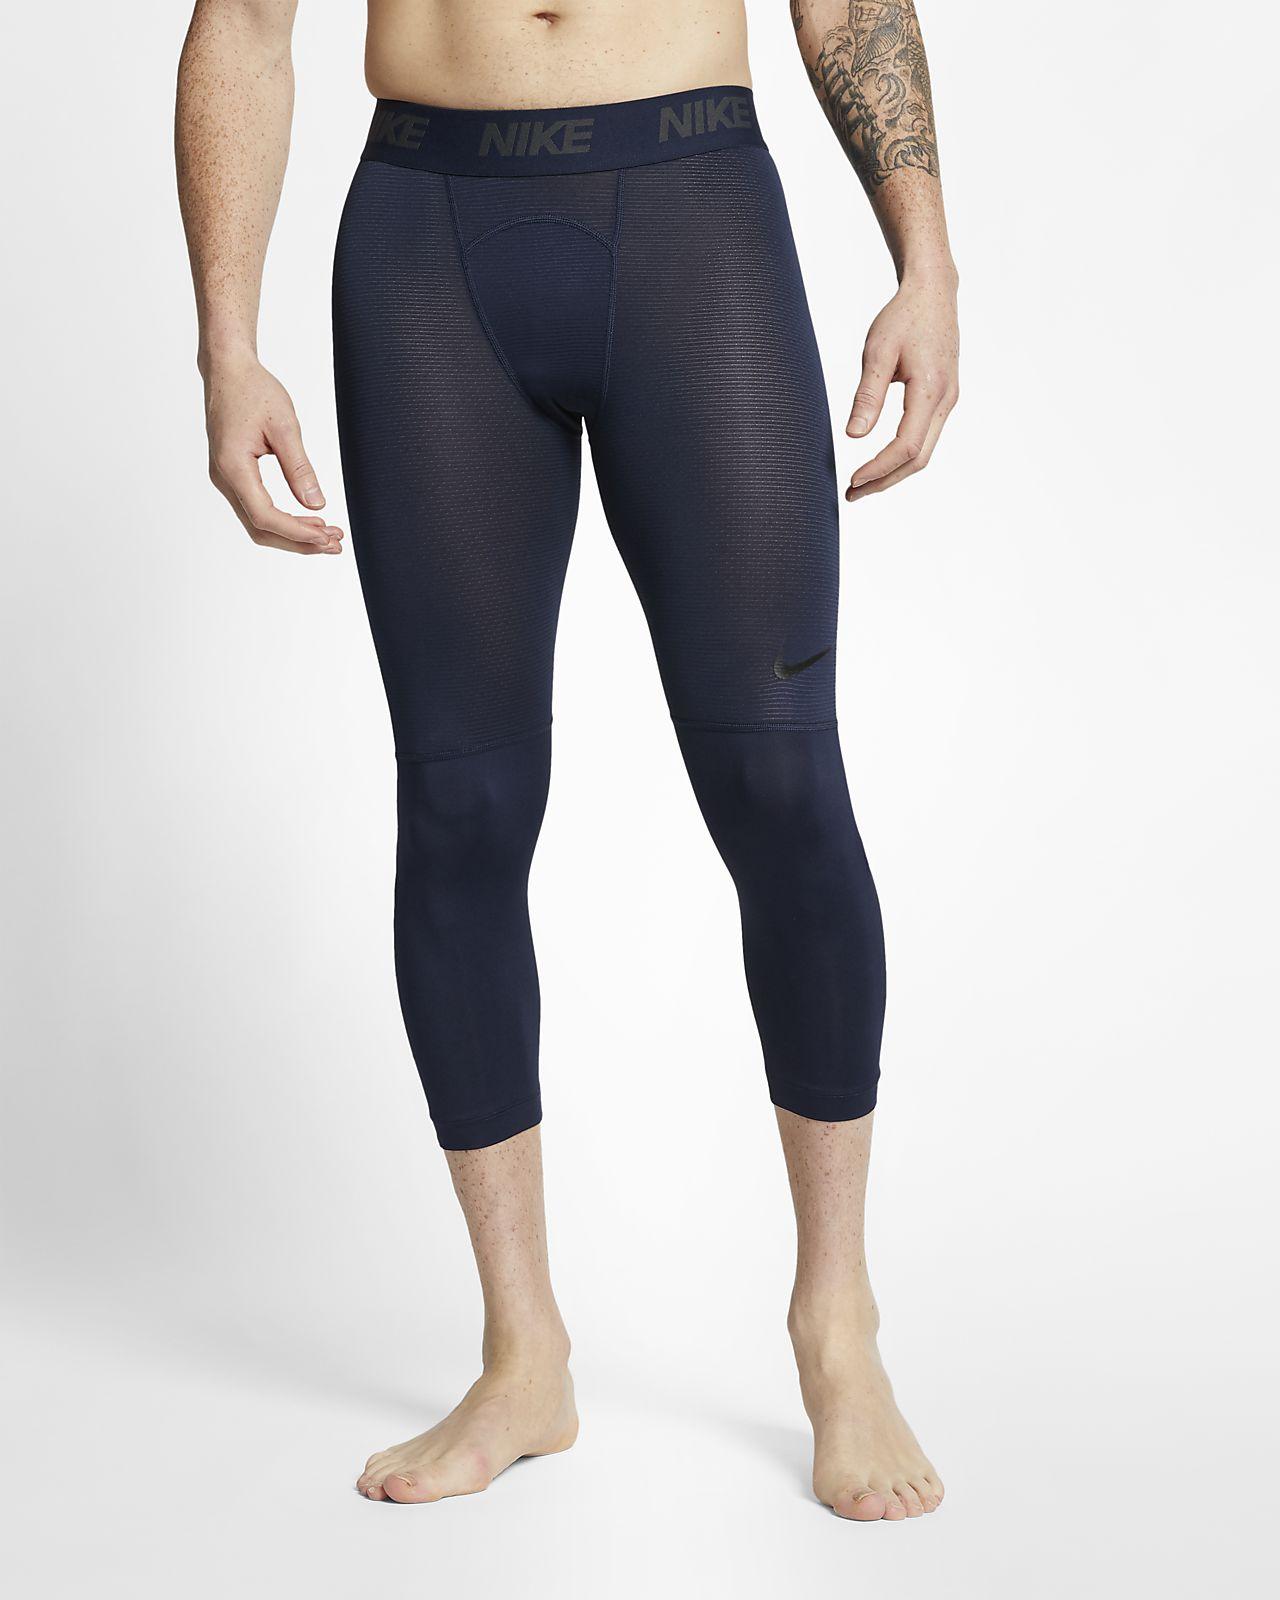 Trekvartslånga tights Nike Pro för män